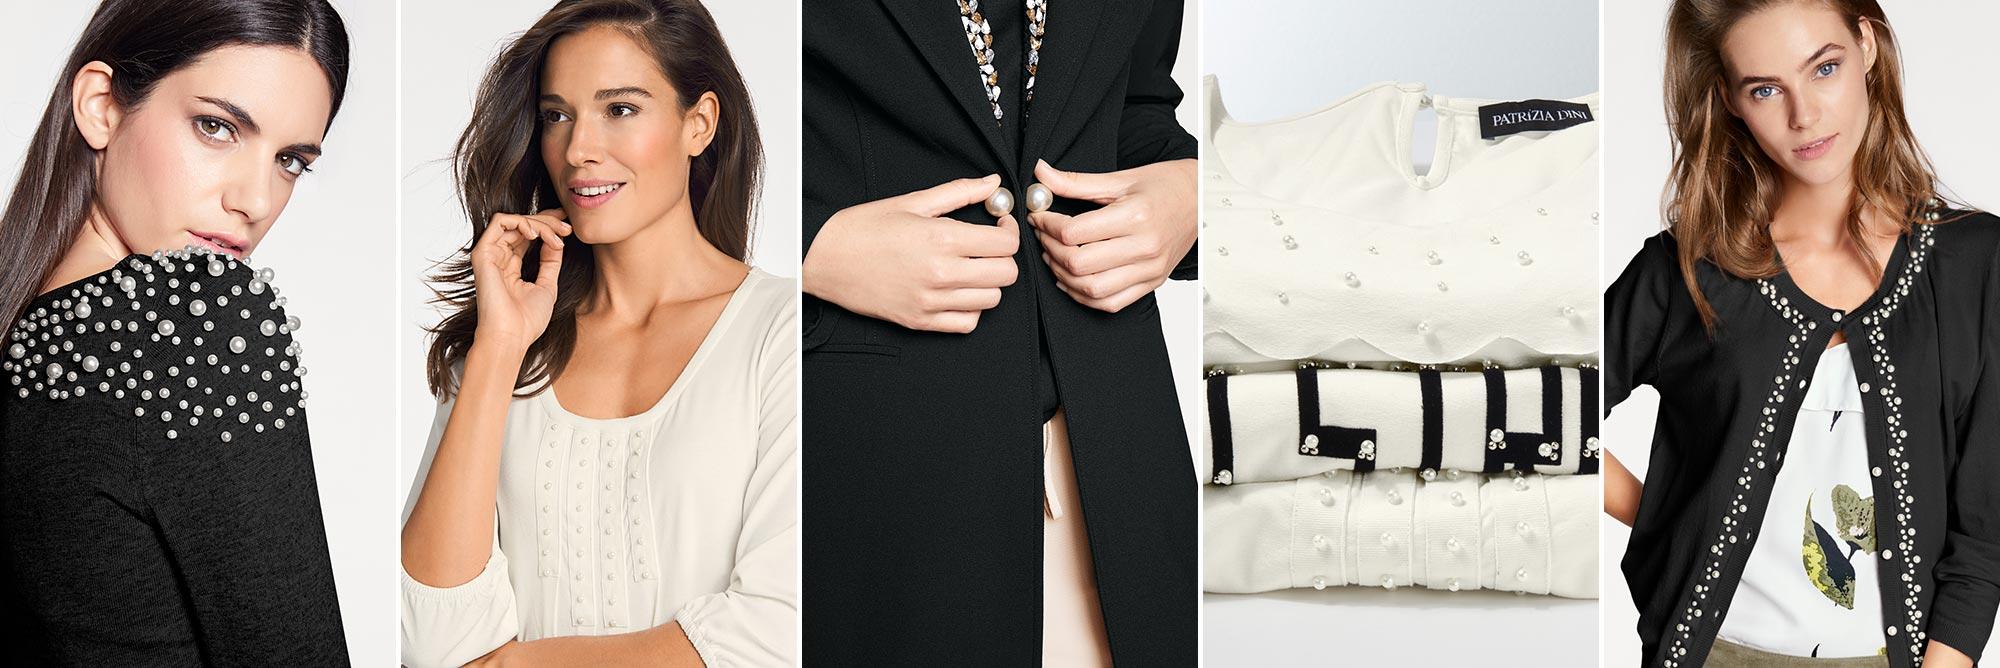 Kollage Kleidungsstücke schwarz und chic